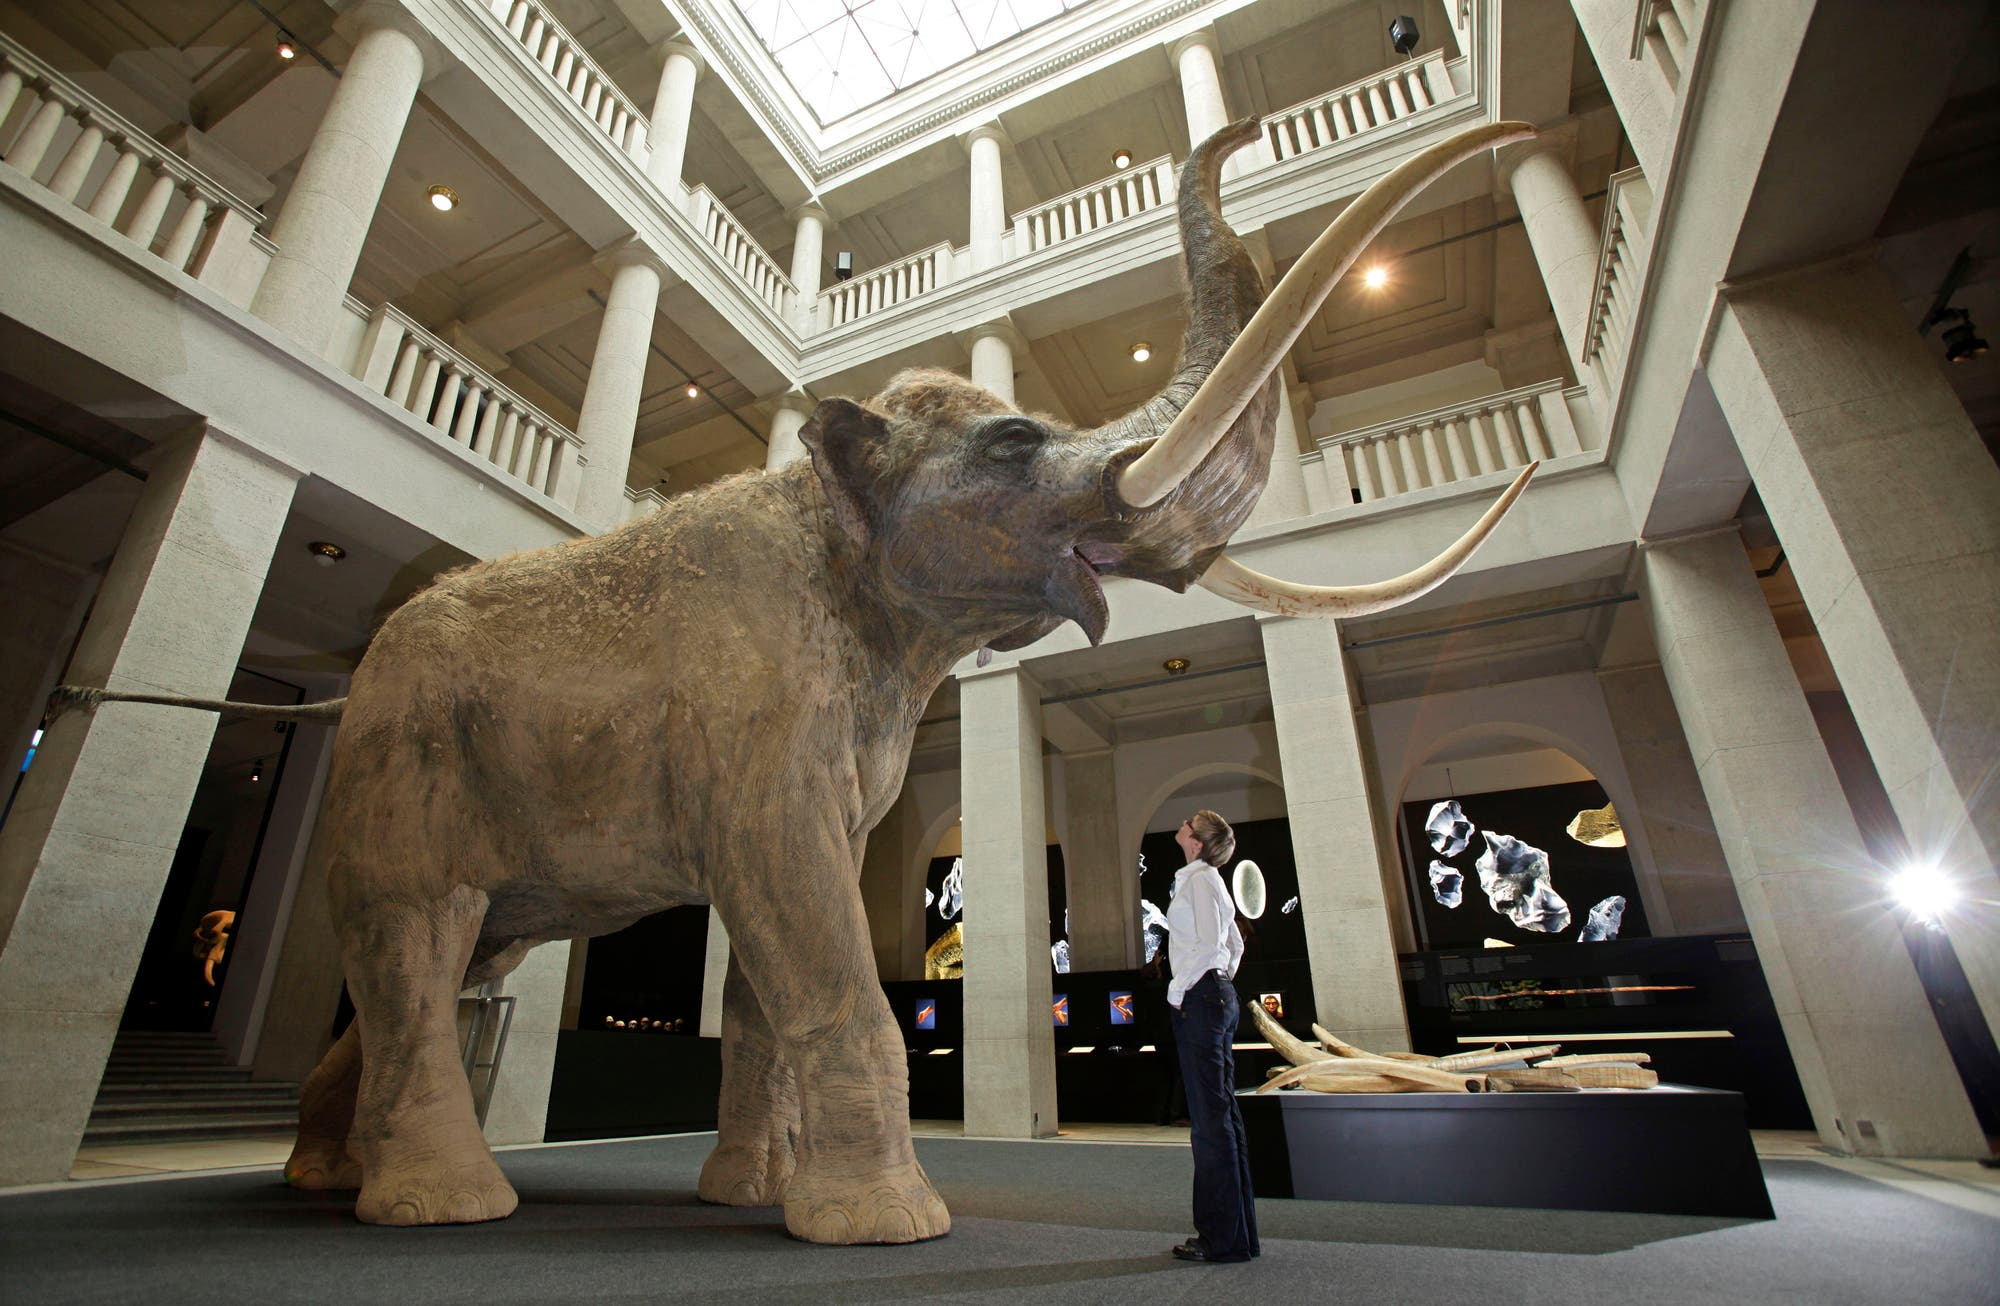 Modell eines Europäischen Waldelefanten